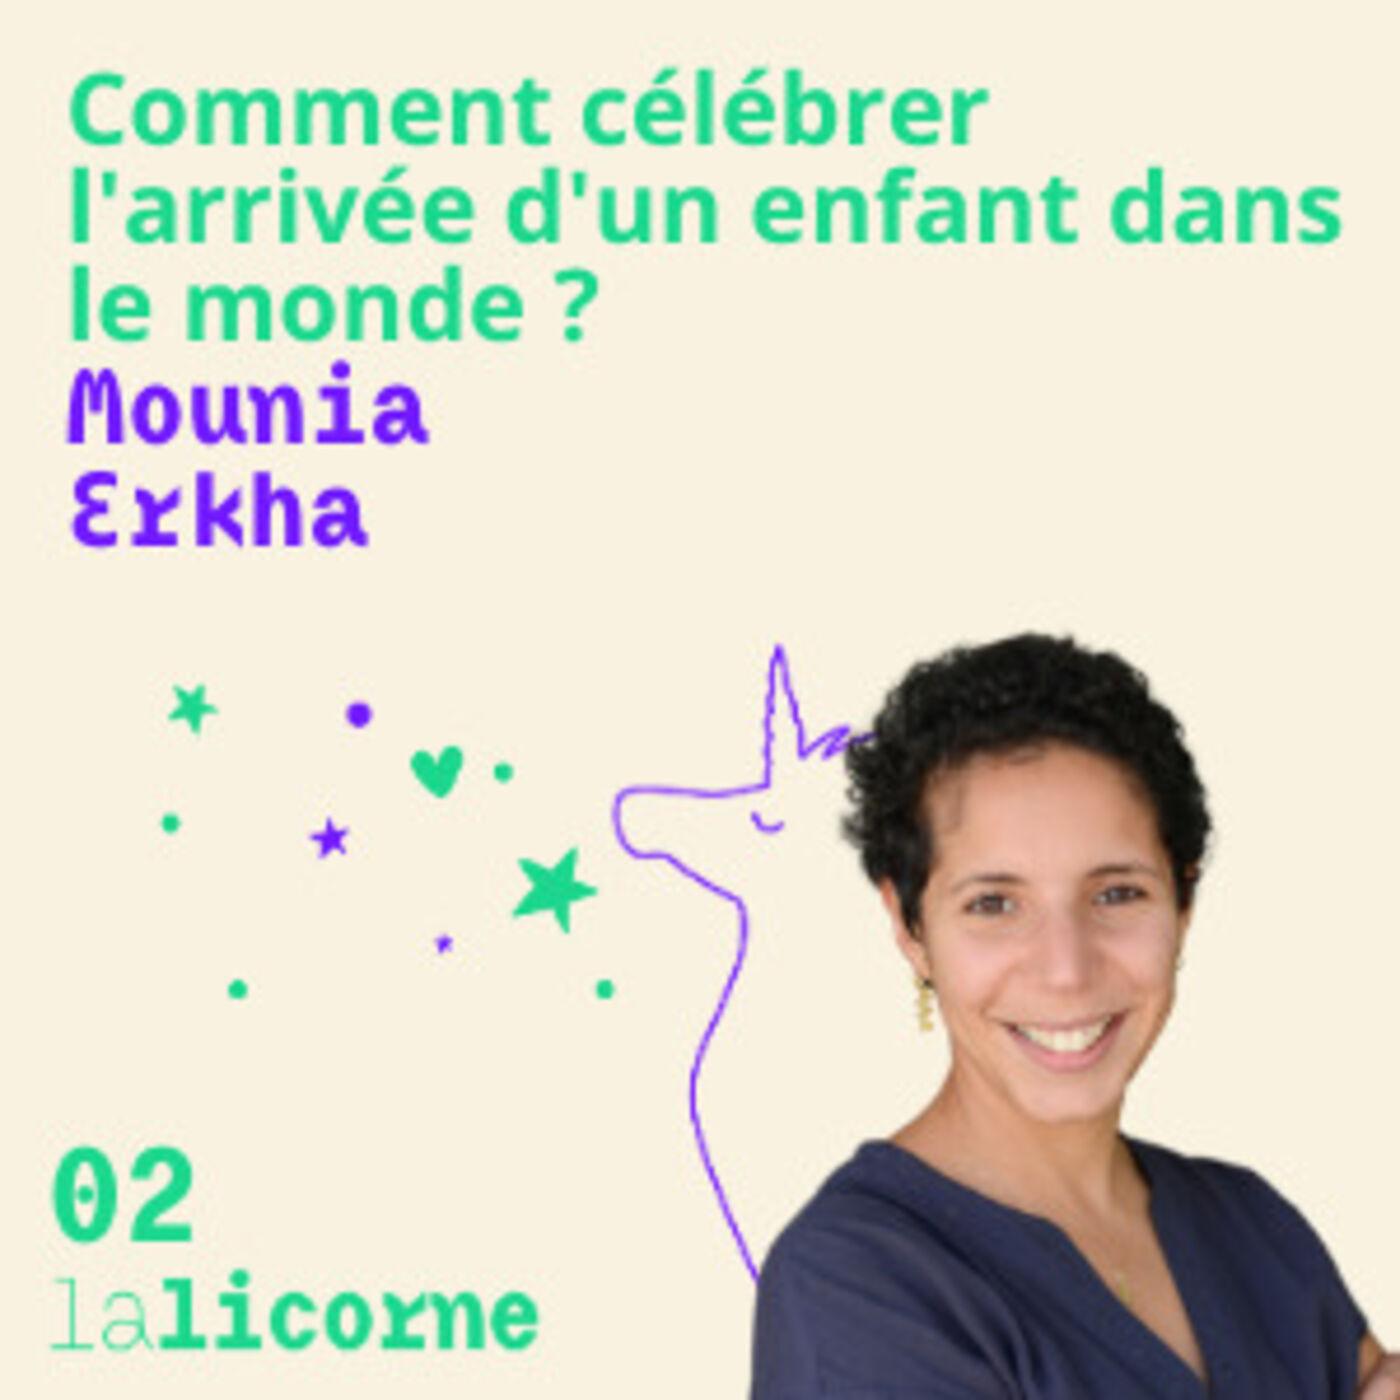 Episode 2 👶 Mounia Erkha - Comment célébrer l'arrivée d'un enfant dans le monde ?